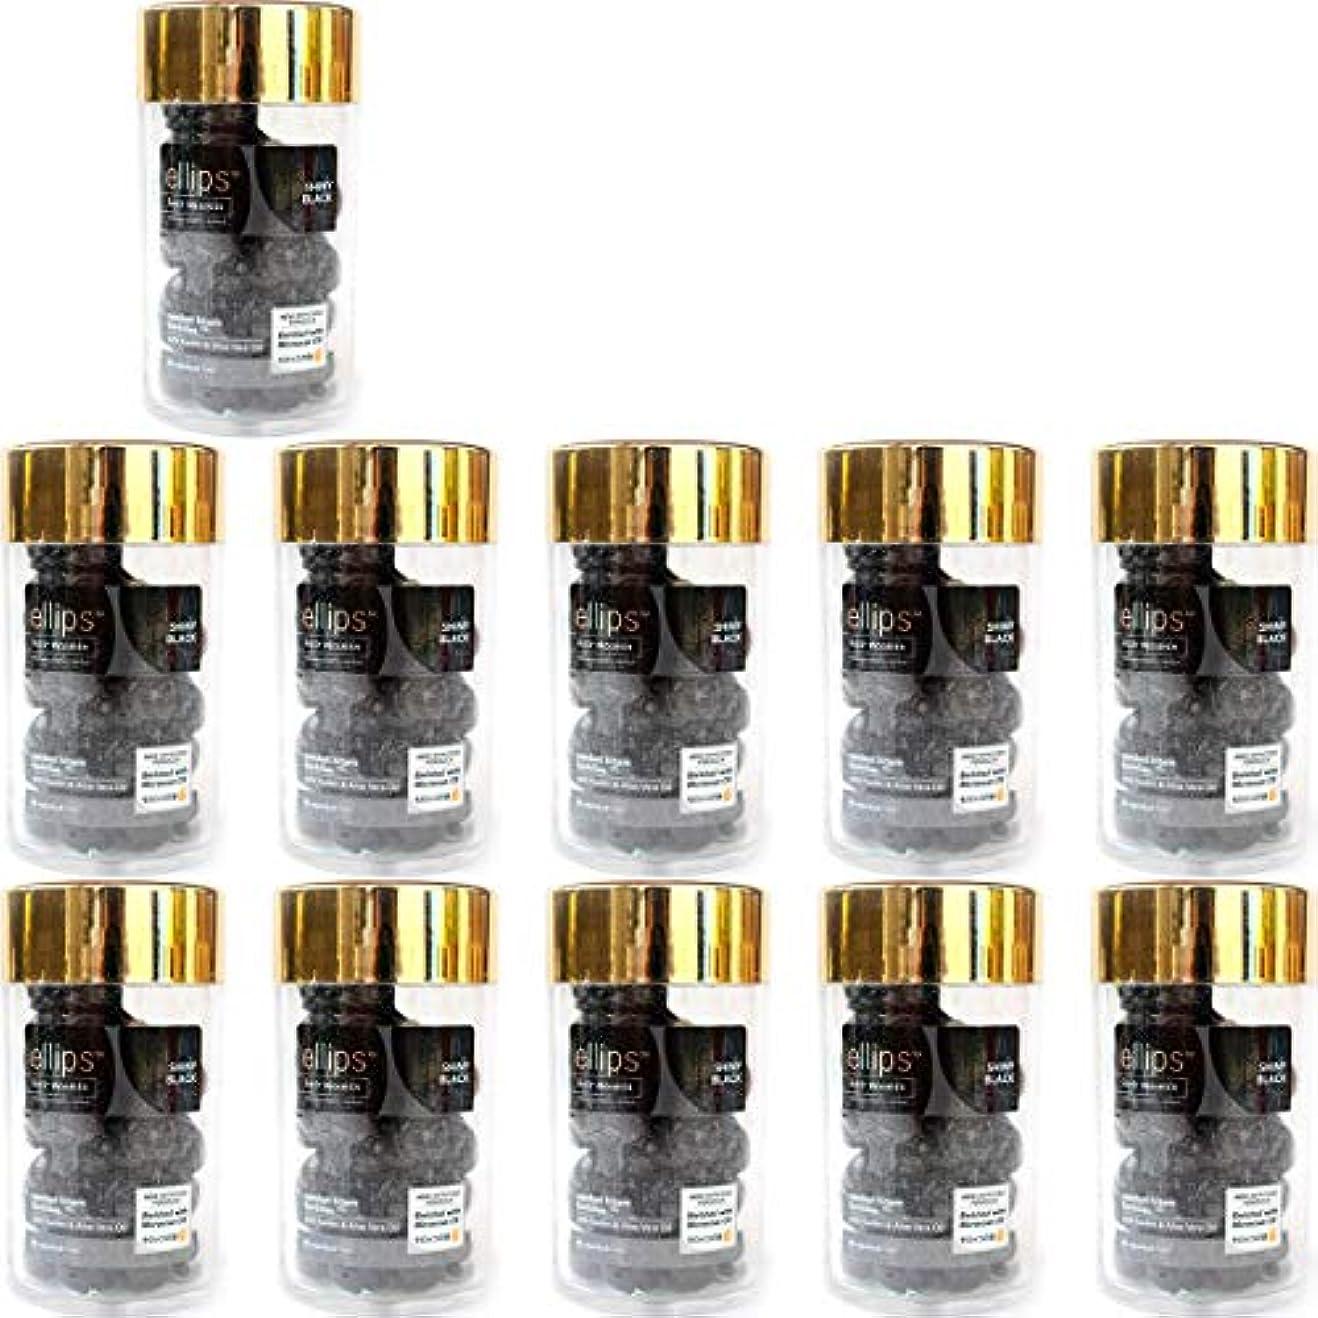 好戦的な国籍スプーンellips エリプス ヘアビタミン ヘアオイル エリップス トリートメント ナチュラルシリーズ 50粒入ボトル ブラック 11個セット [海外直送品]